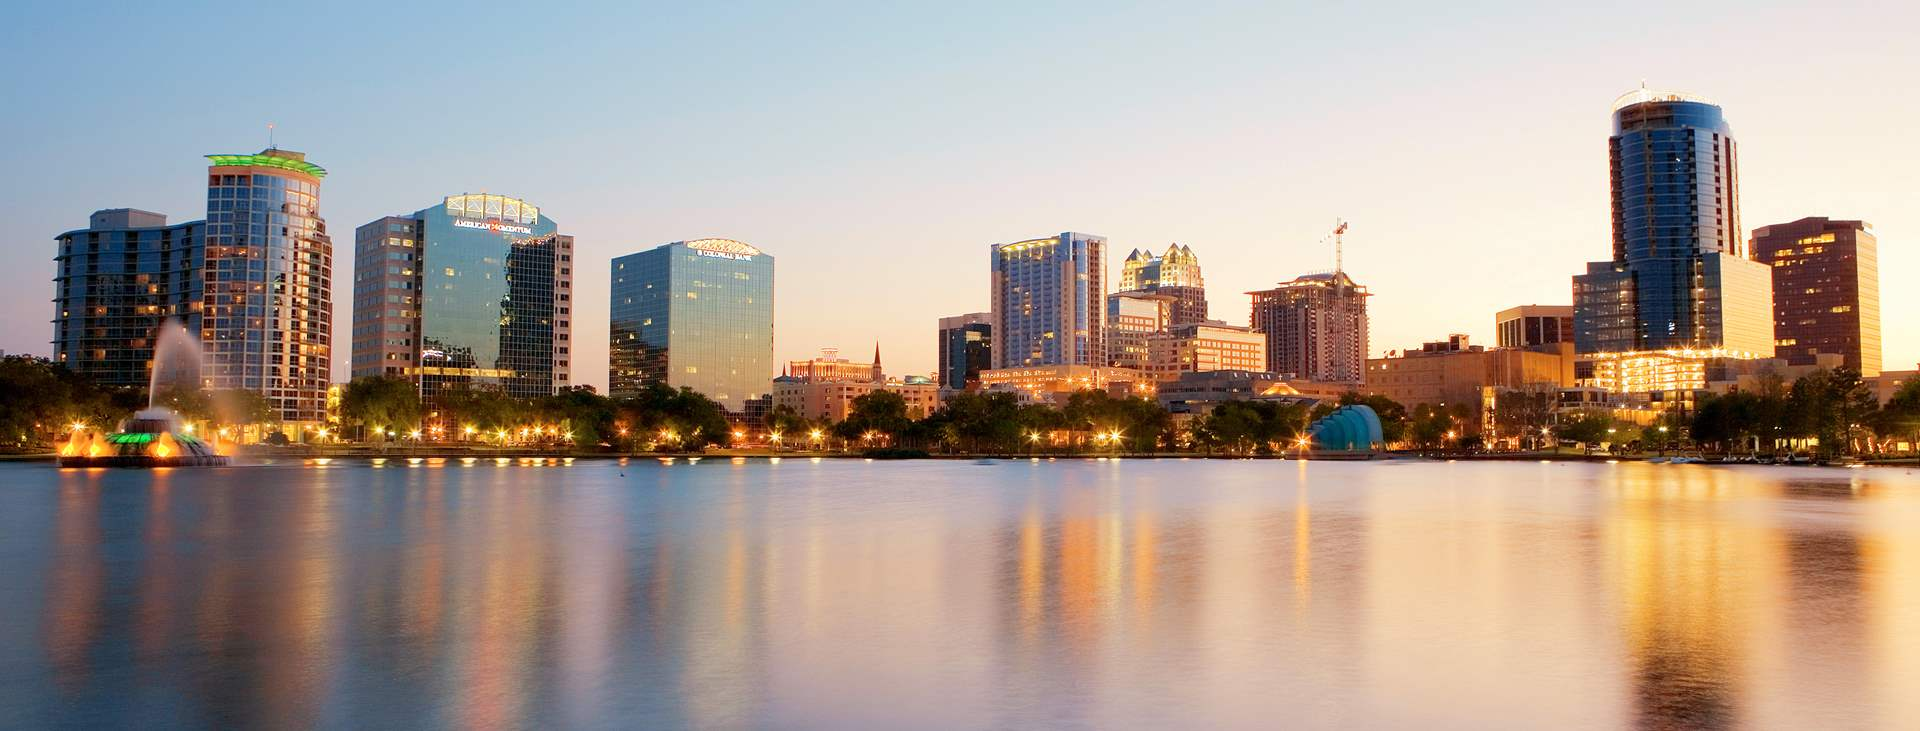 Varaa matka Orlandoon, Floridaan ja koe USA